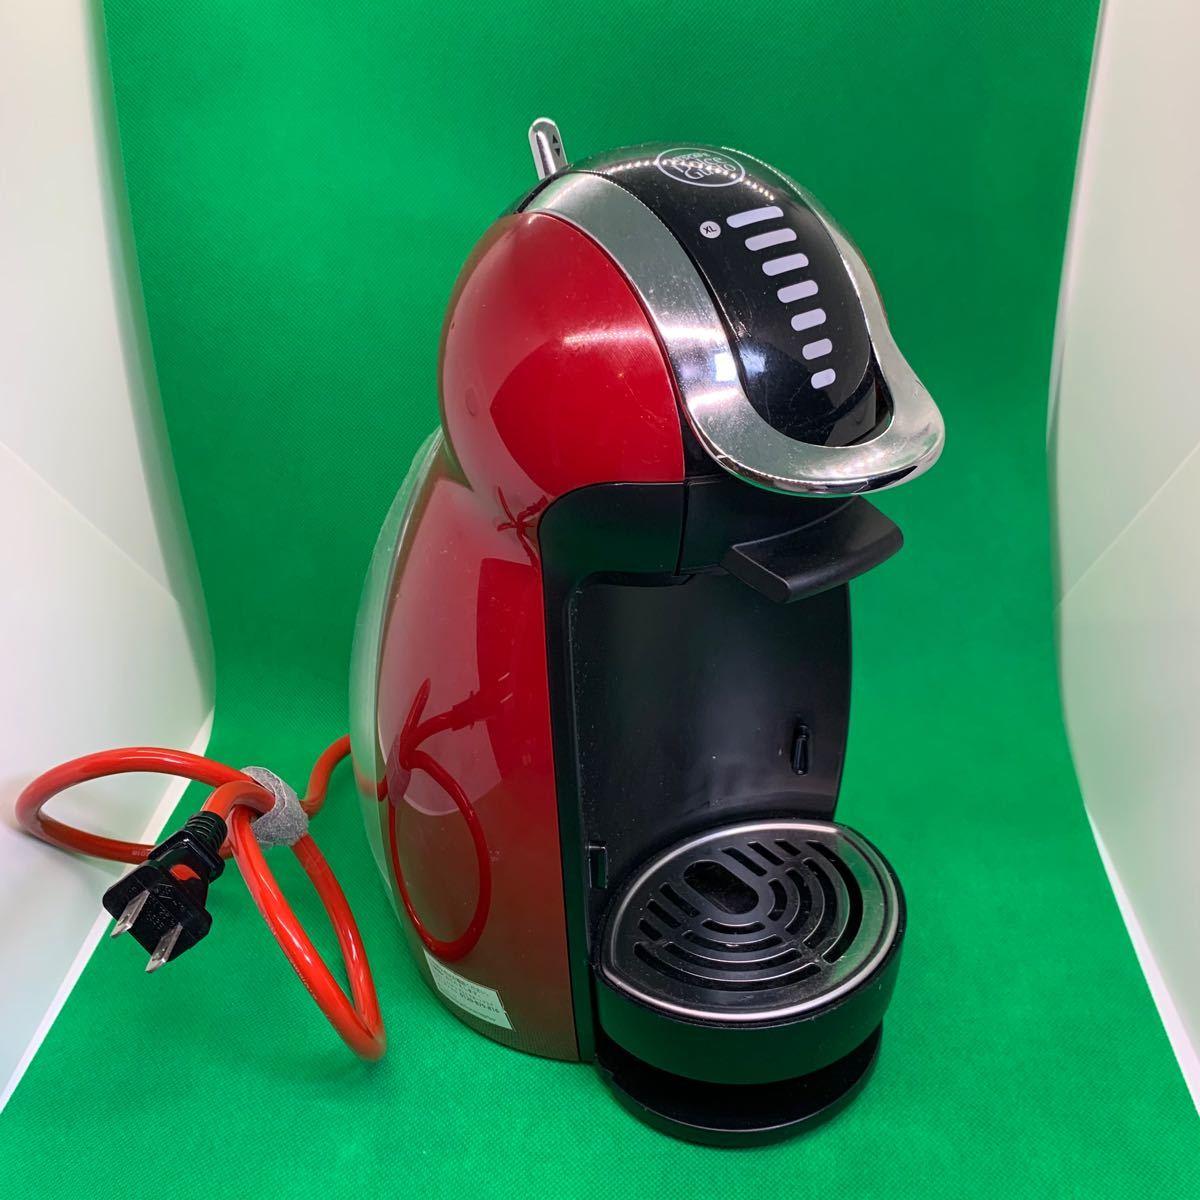 ネスカフェ ドルチェ グスト ジェニオ2 プレミアム コーヒーメーカー ネスレ ワインレッド MD9771-WR NDGCPS